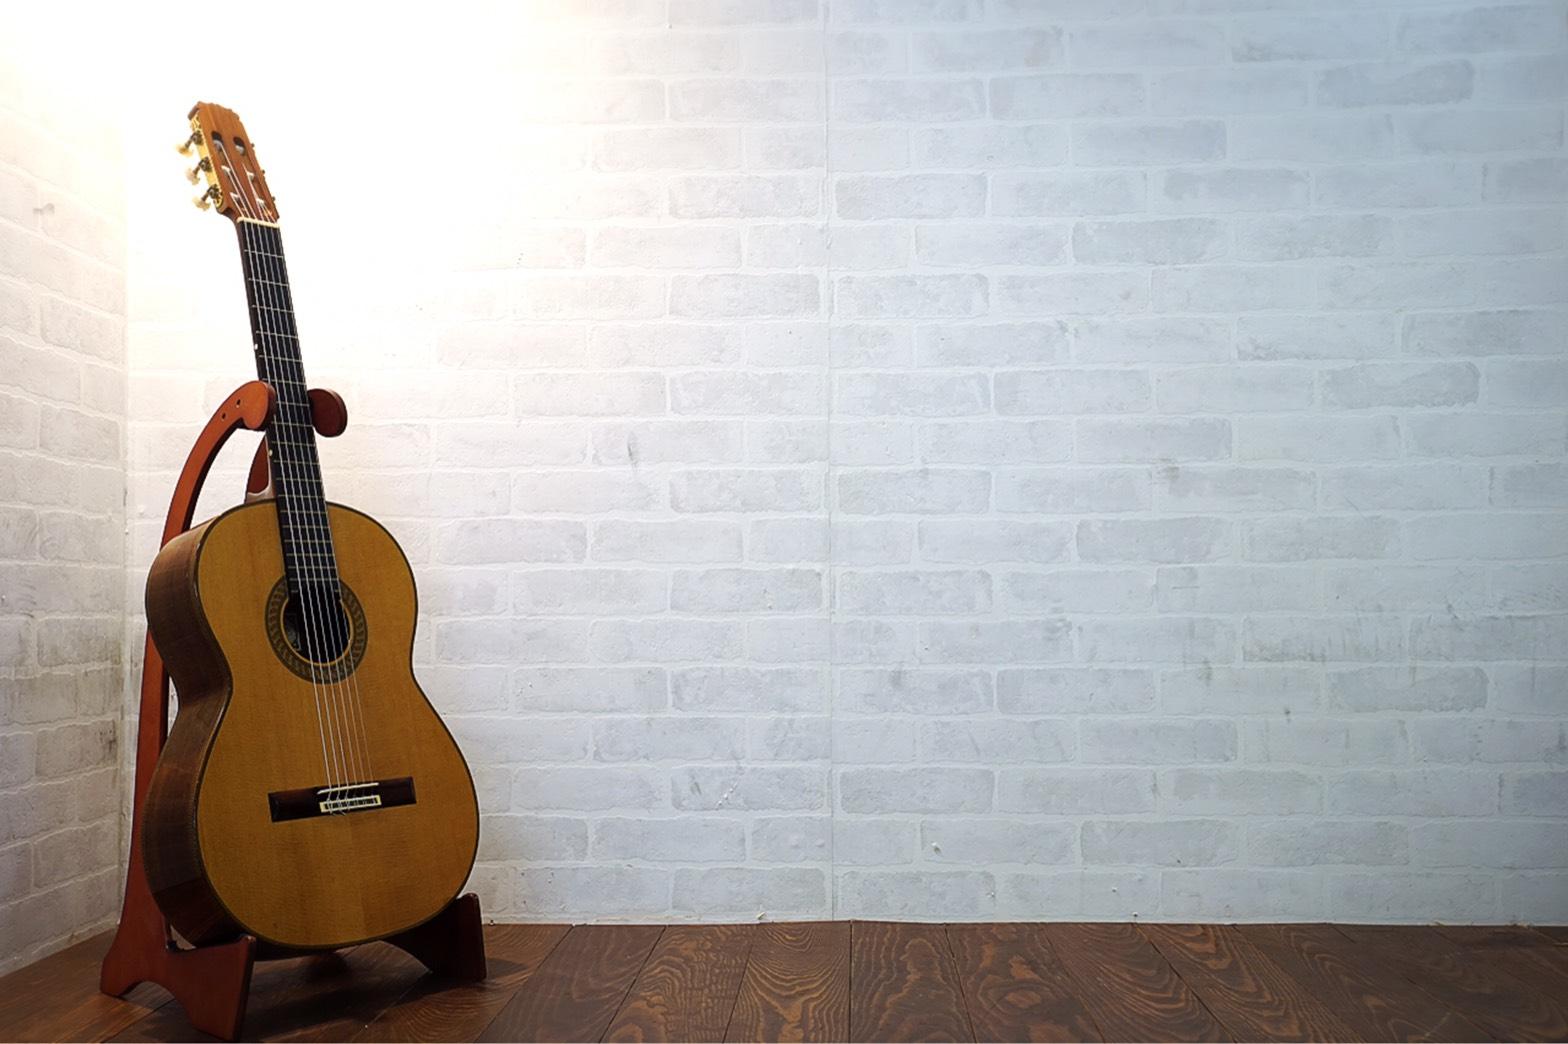 黒澤澄夫 クラシックギター No.20